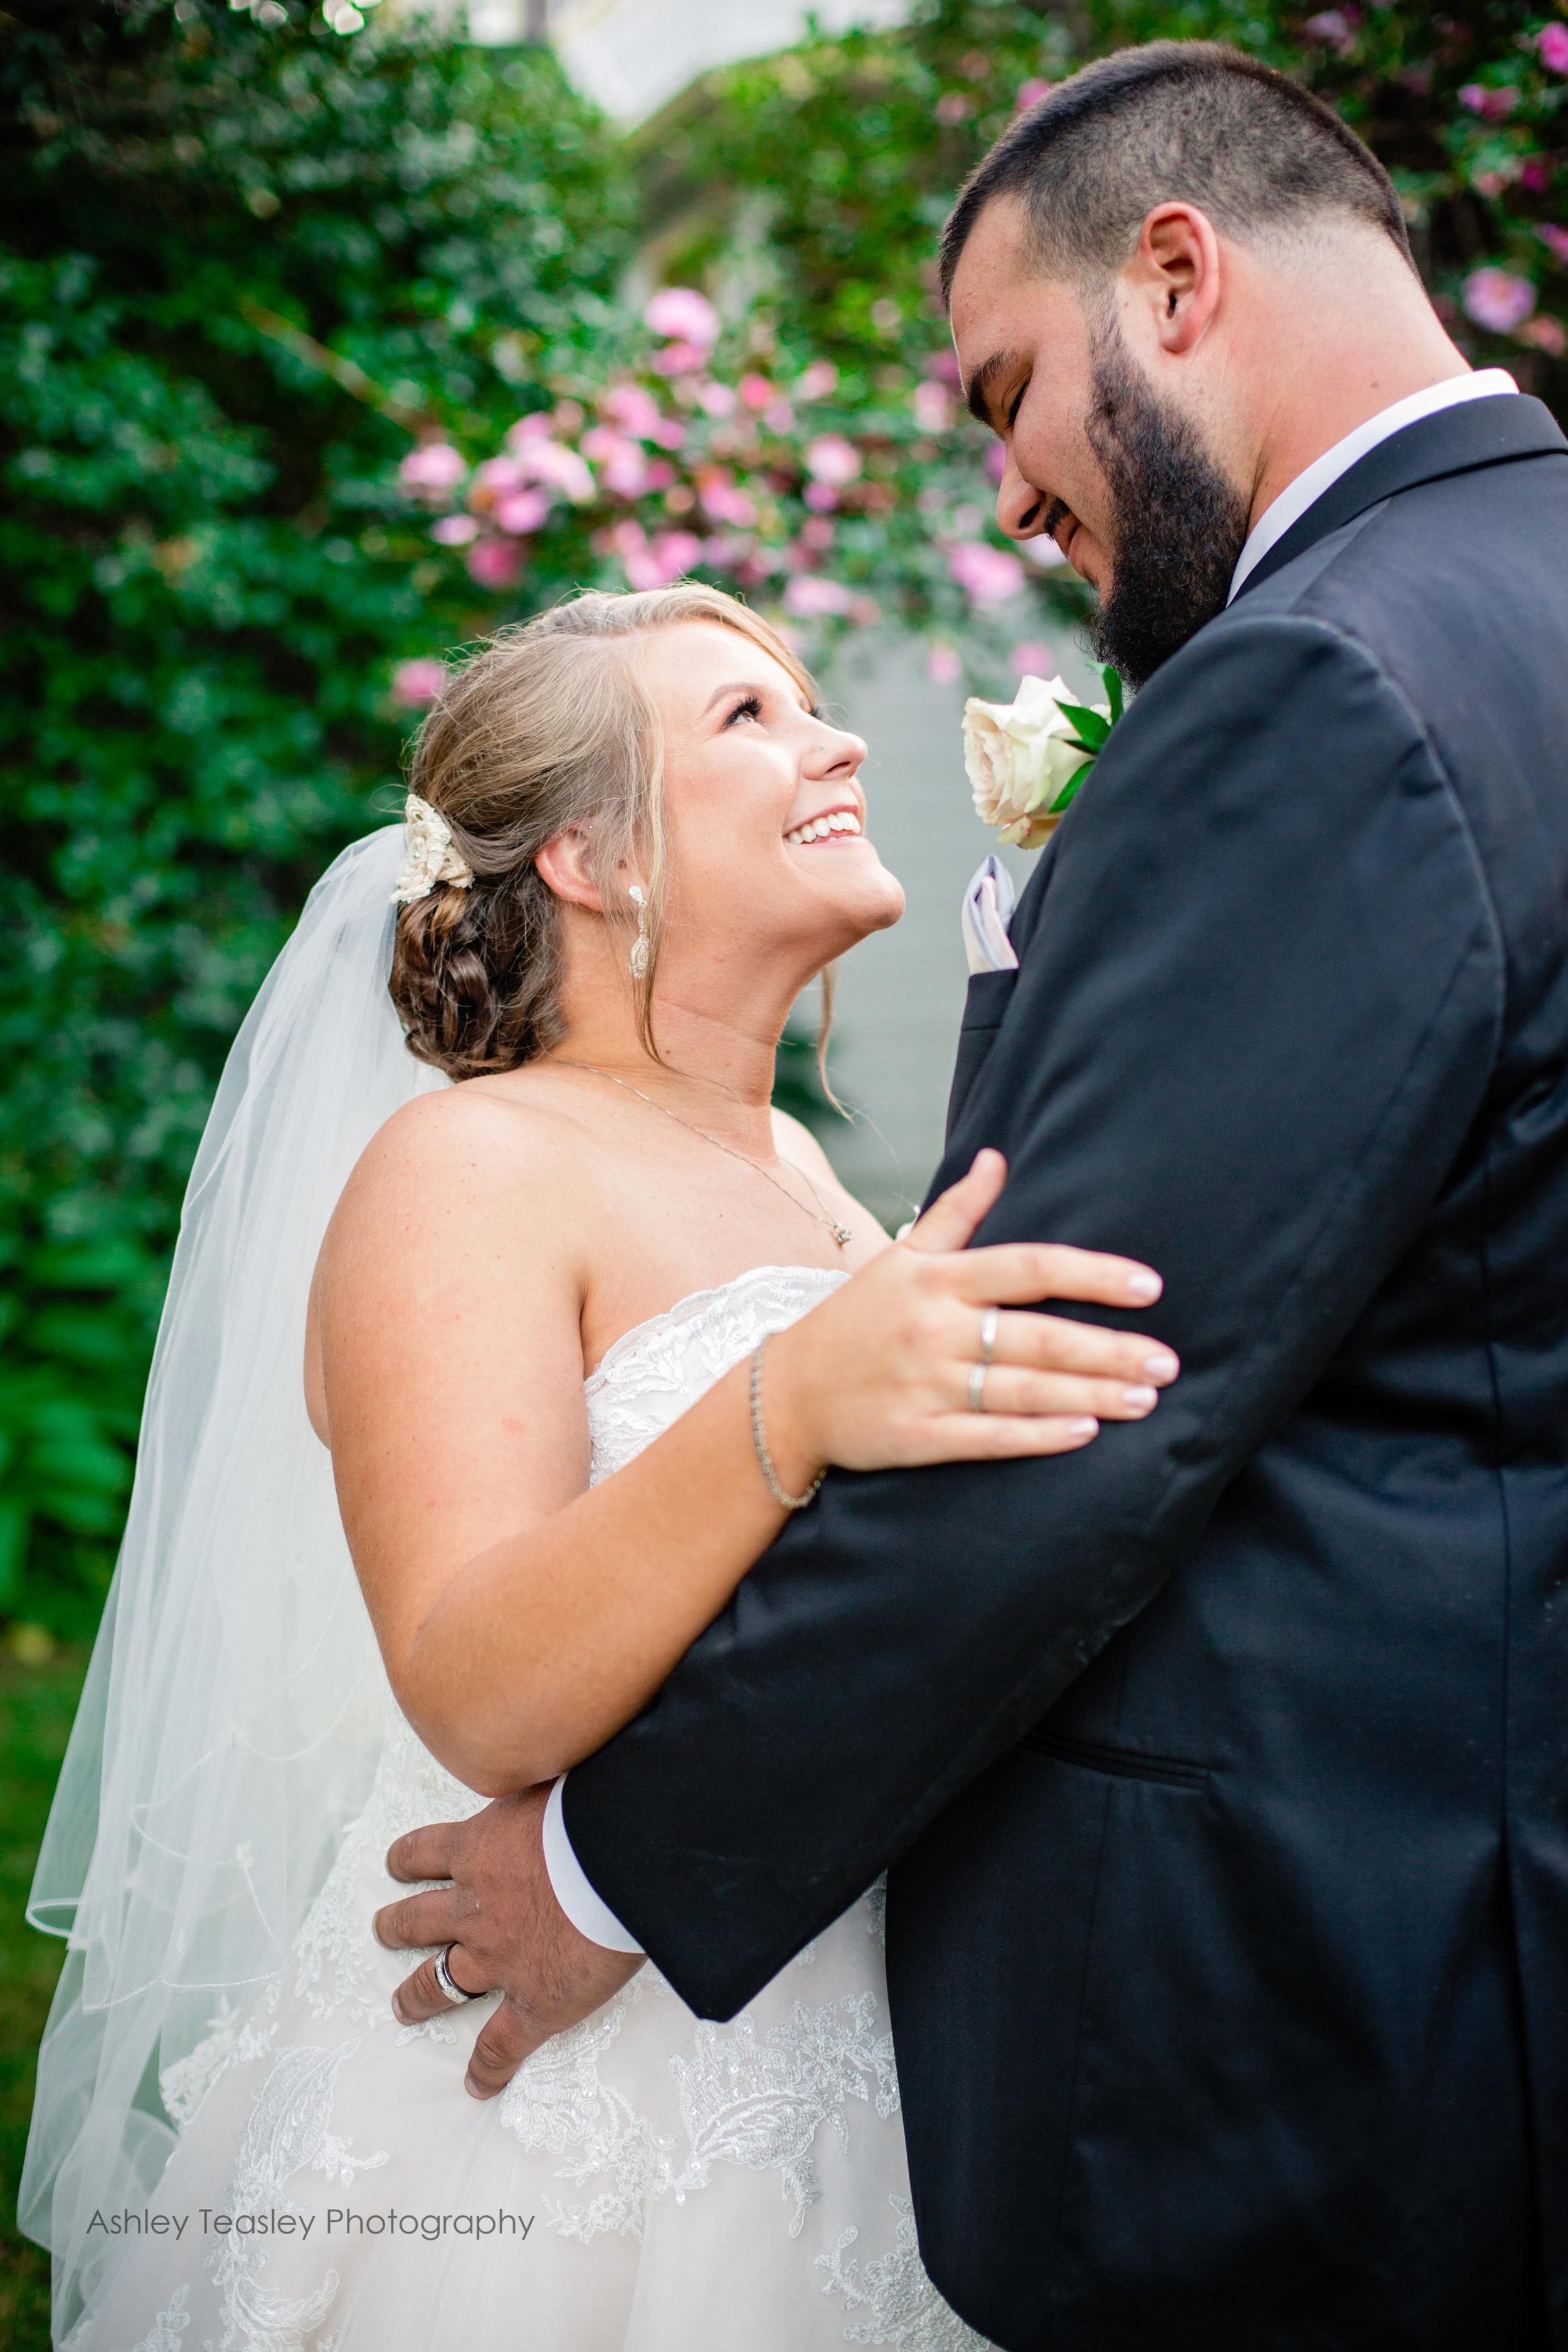 Casey & Brandon - The Flower Farm Inn - Sacramento Wedding Photographer - Ashley Teasley Photography  (4 of 5).JPG